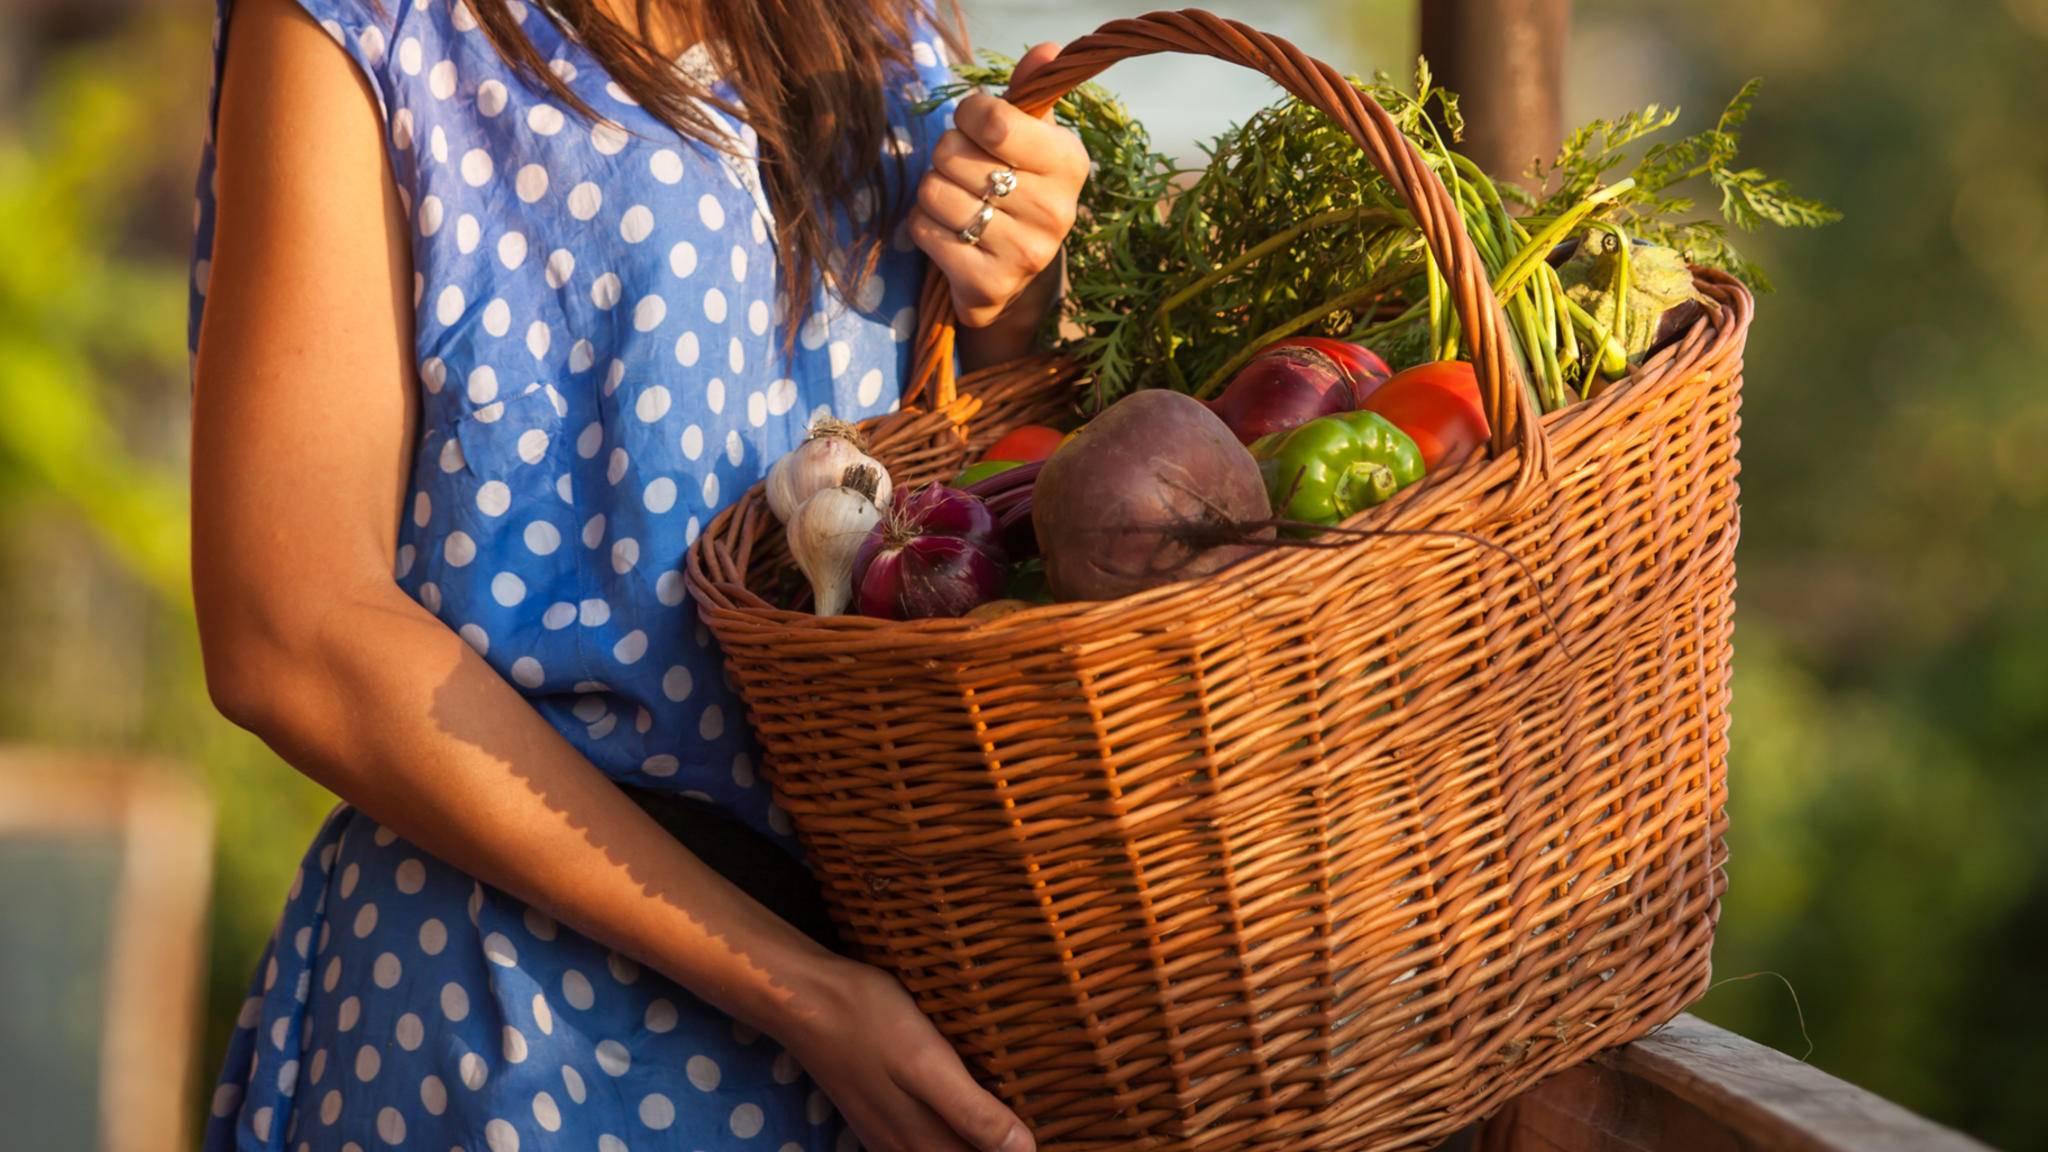 Wer Lebensmittel auf dem Markt kauft, kann Plastiktüten einsparen.